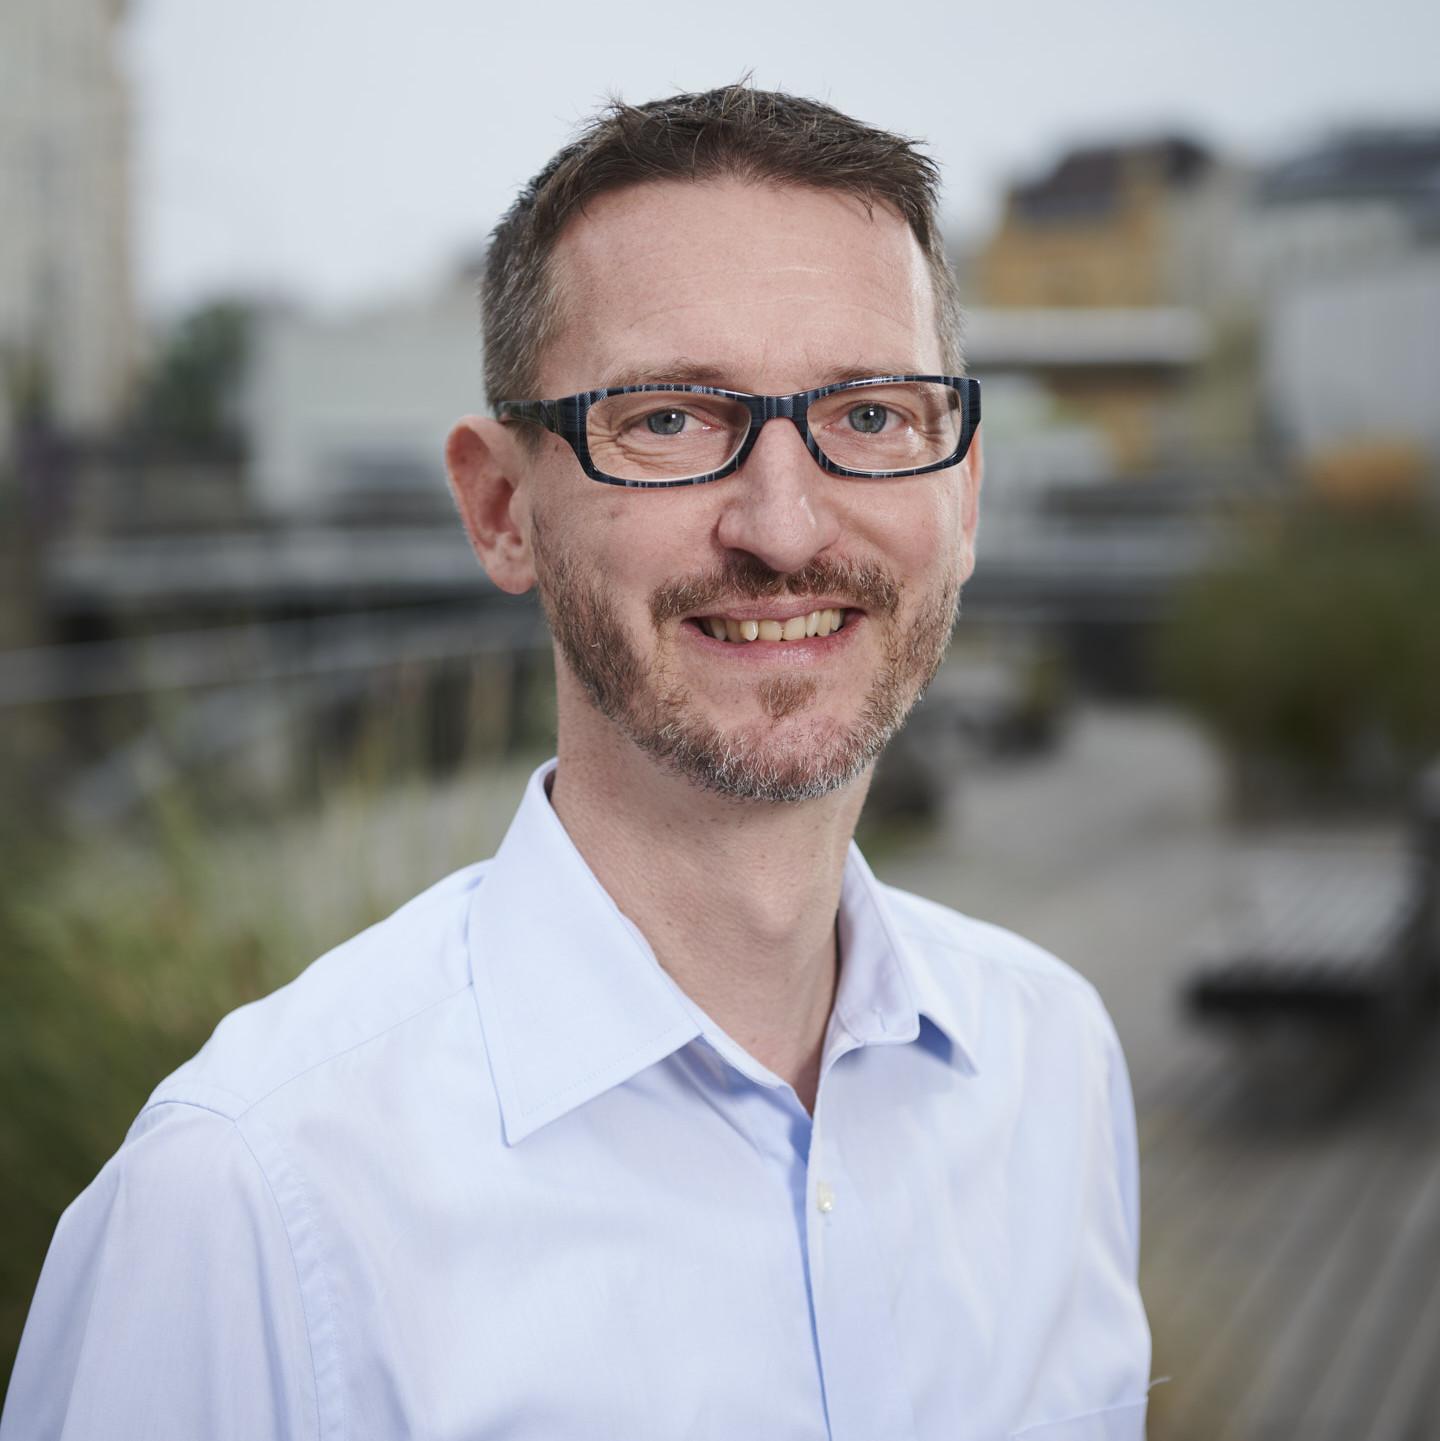 Foto: Markus Österreicher